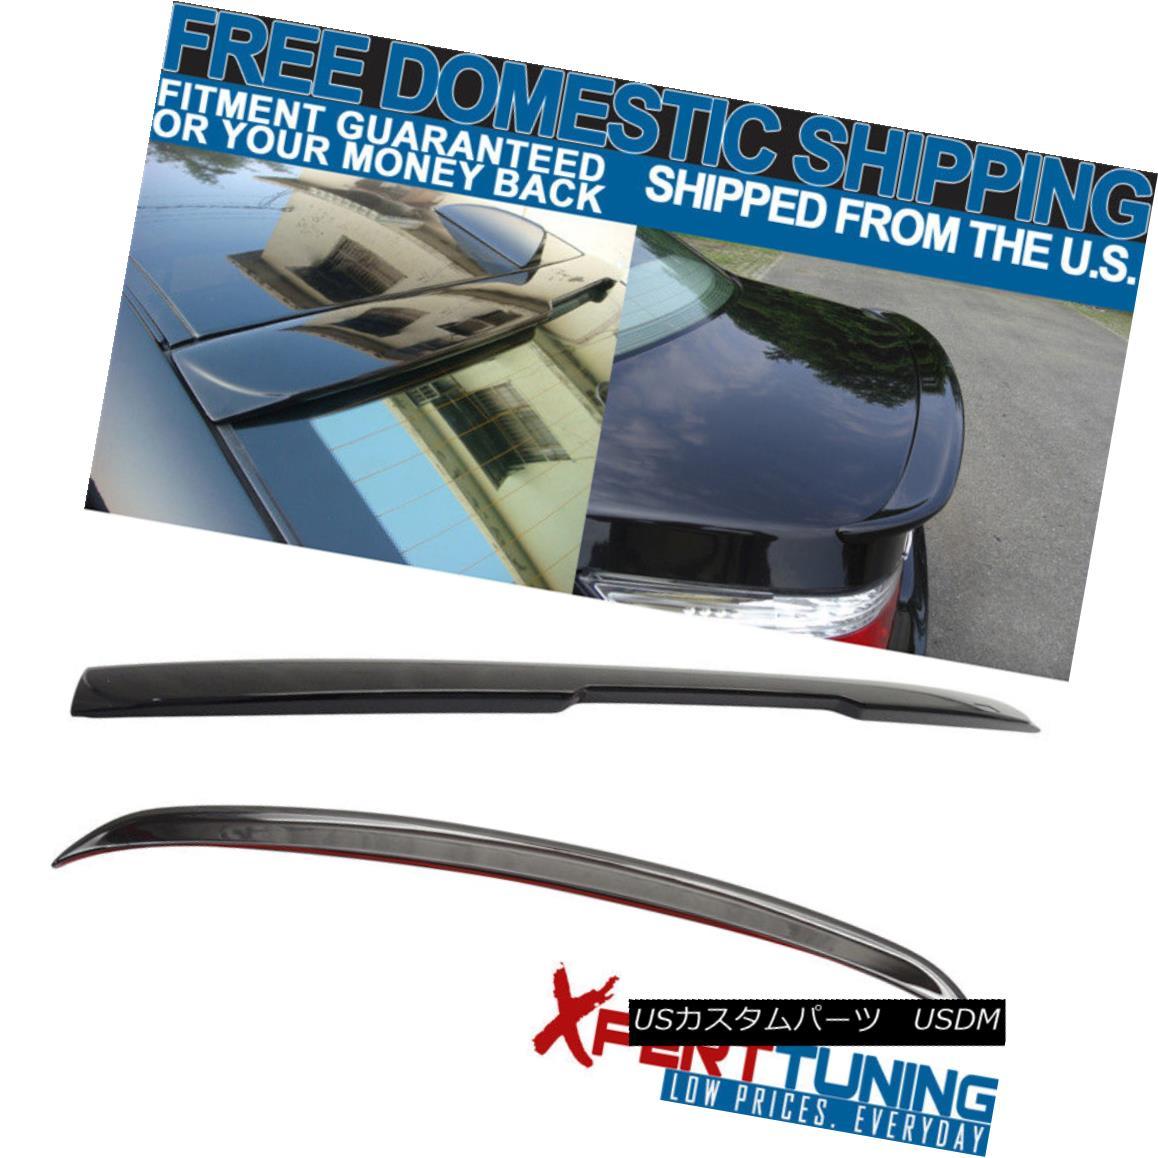 エアロパーツ 04-10 E60 5 Series AC Trunk Spoiler + Roof Spoiler Painted # 475 Black Sapphire 04-10 E60 5シリーズACトランク・スポイラー+ルーフ・スポイラー#475ブラック・サファイア